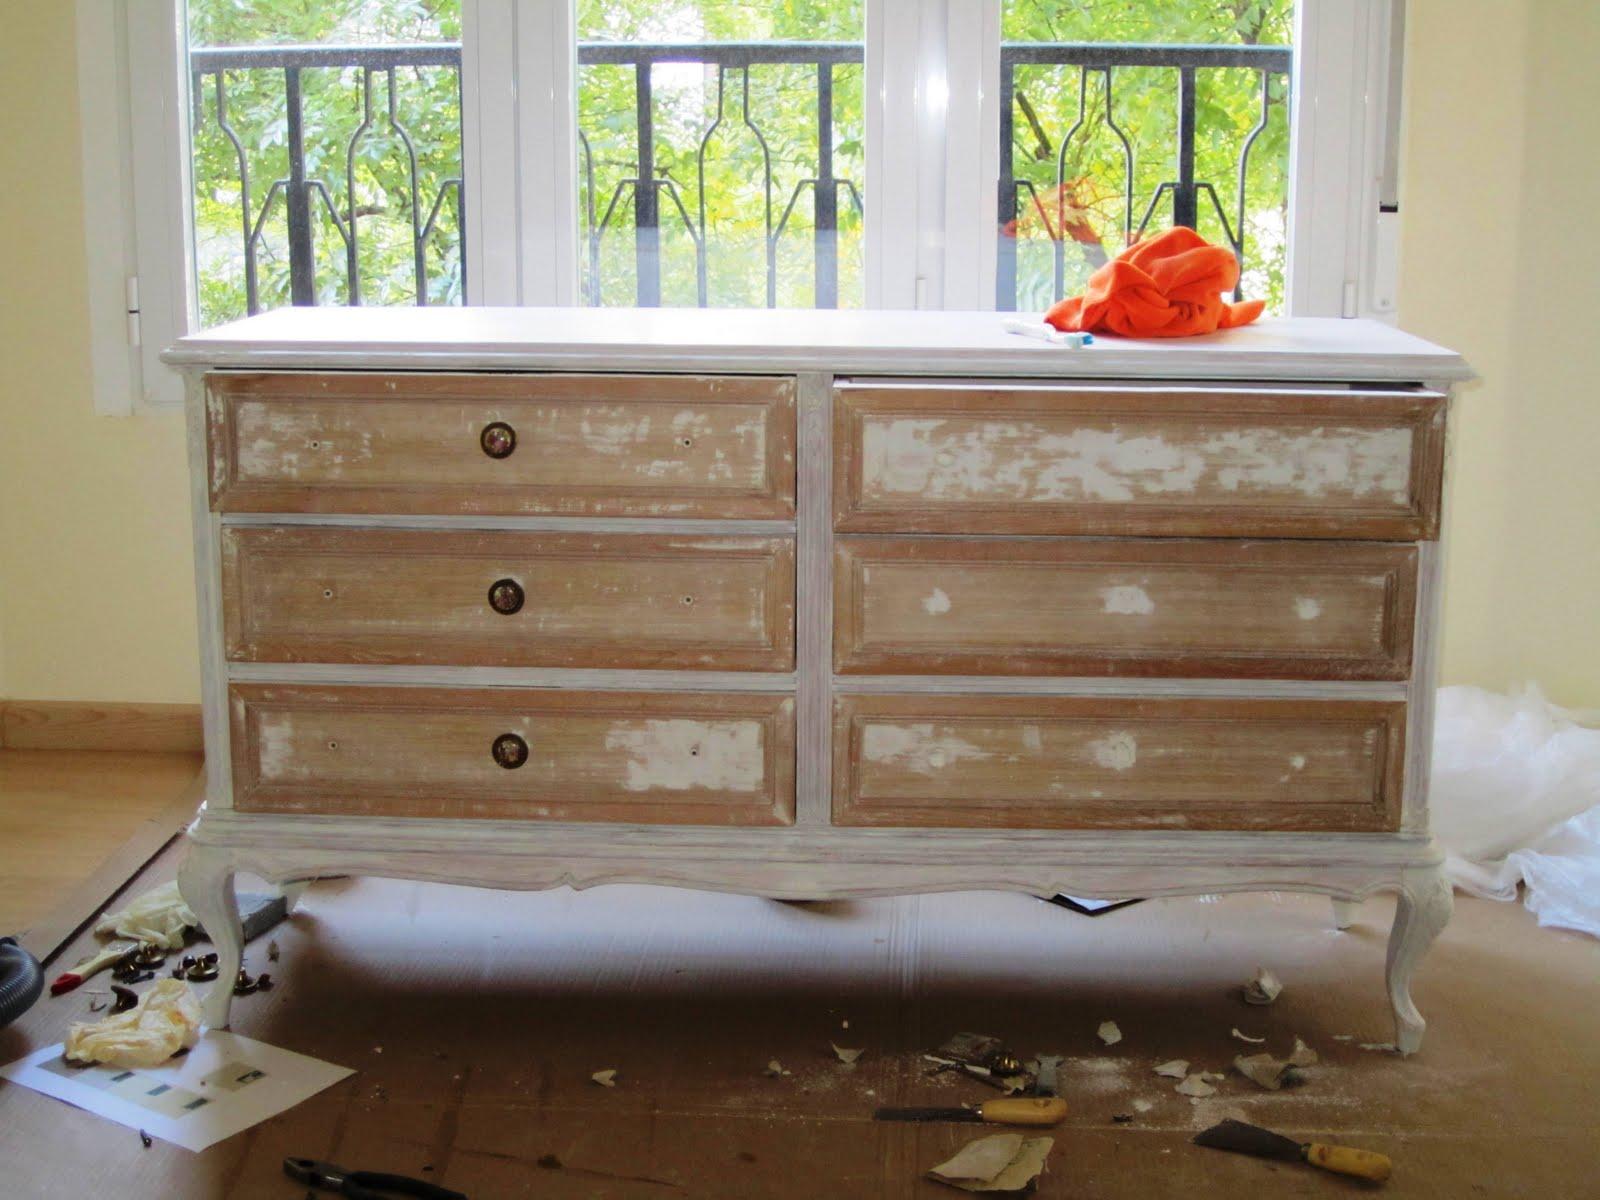 Naifandtastic decoraci n craft hecho a mano - Comodas segunda mano ...